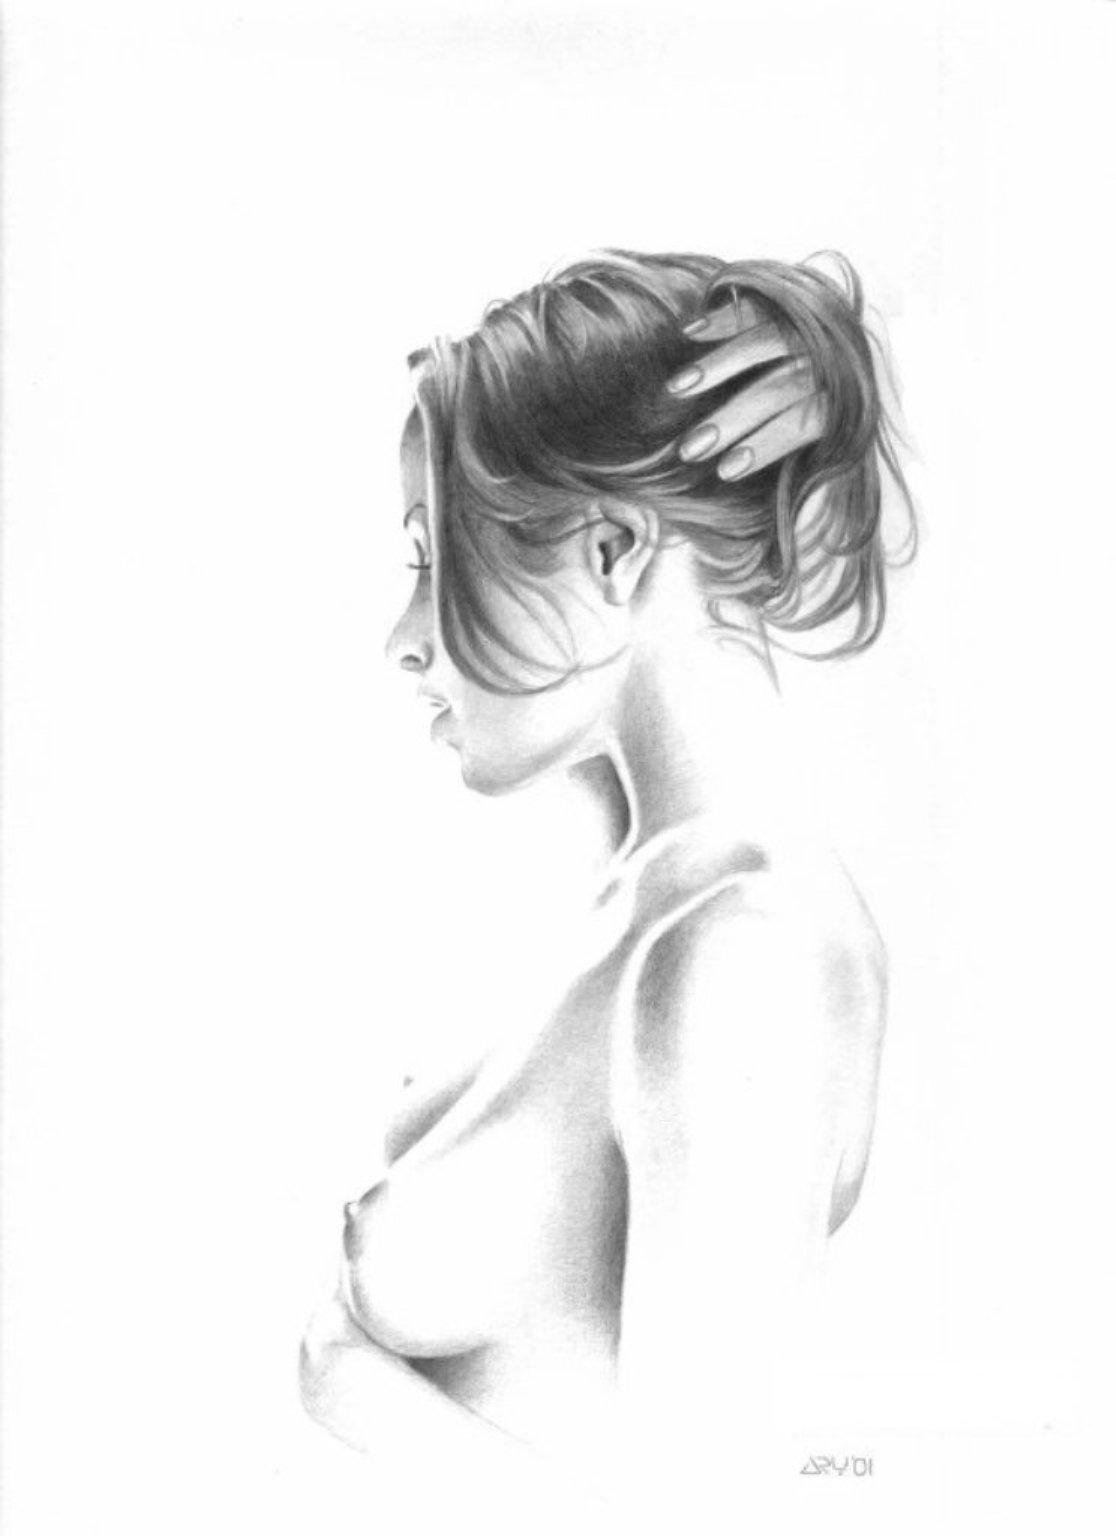 Рисунки эротики карандашом 11 фотография